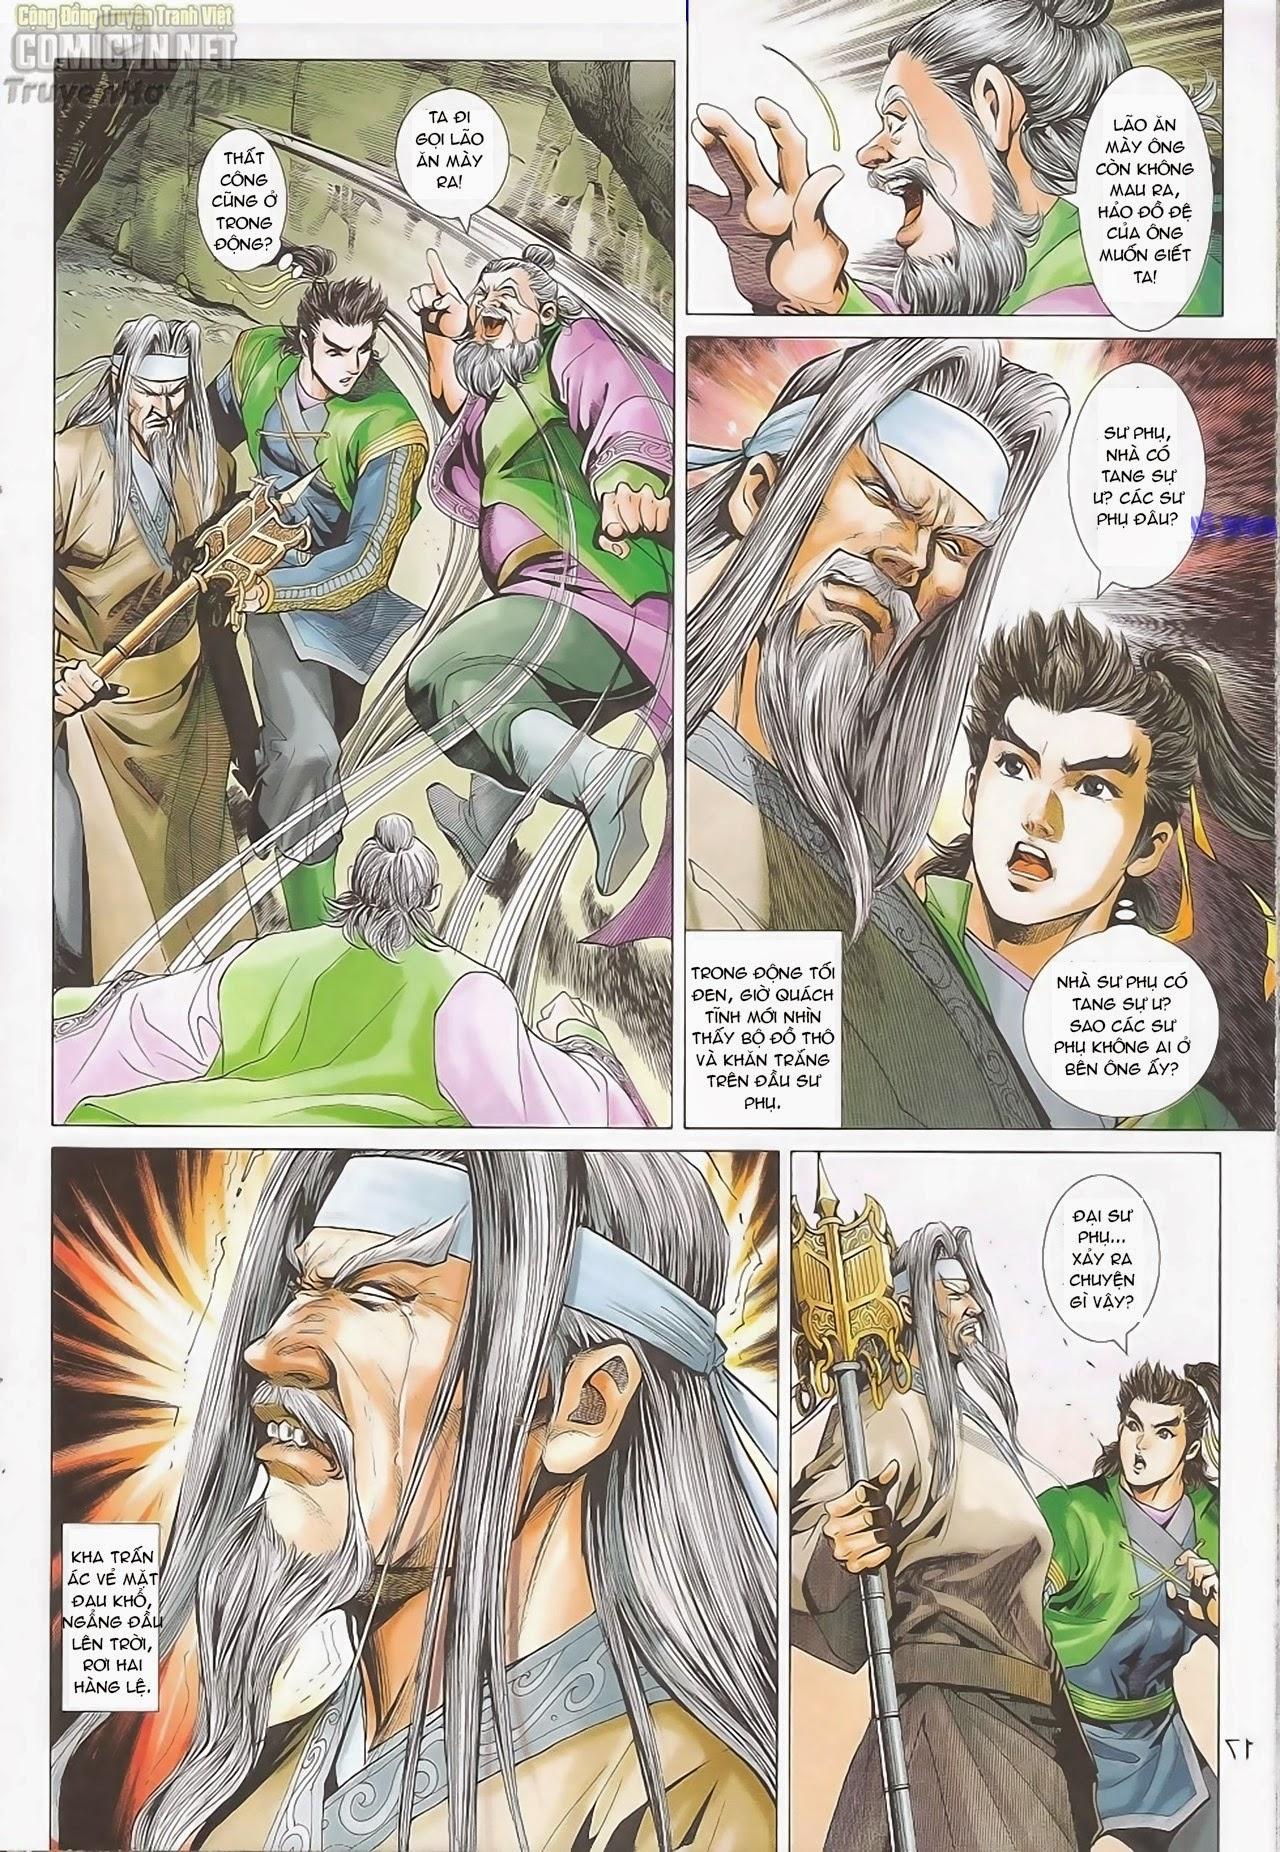 xem truyen moi - Anh Hùng Xạ Điêu - Chapter 83: Sư đồ quyết liệt